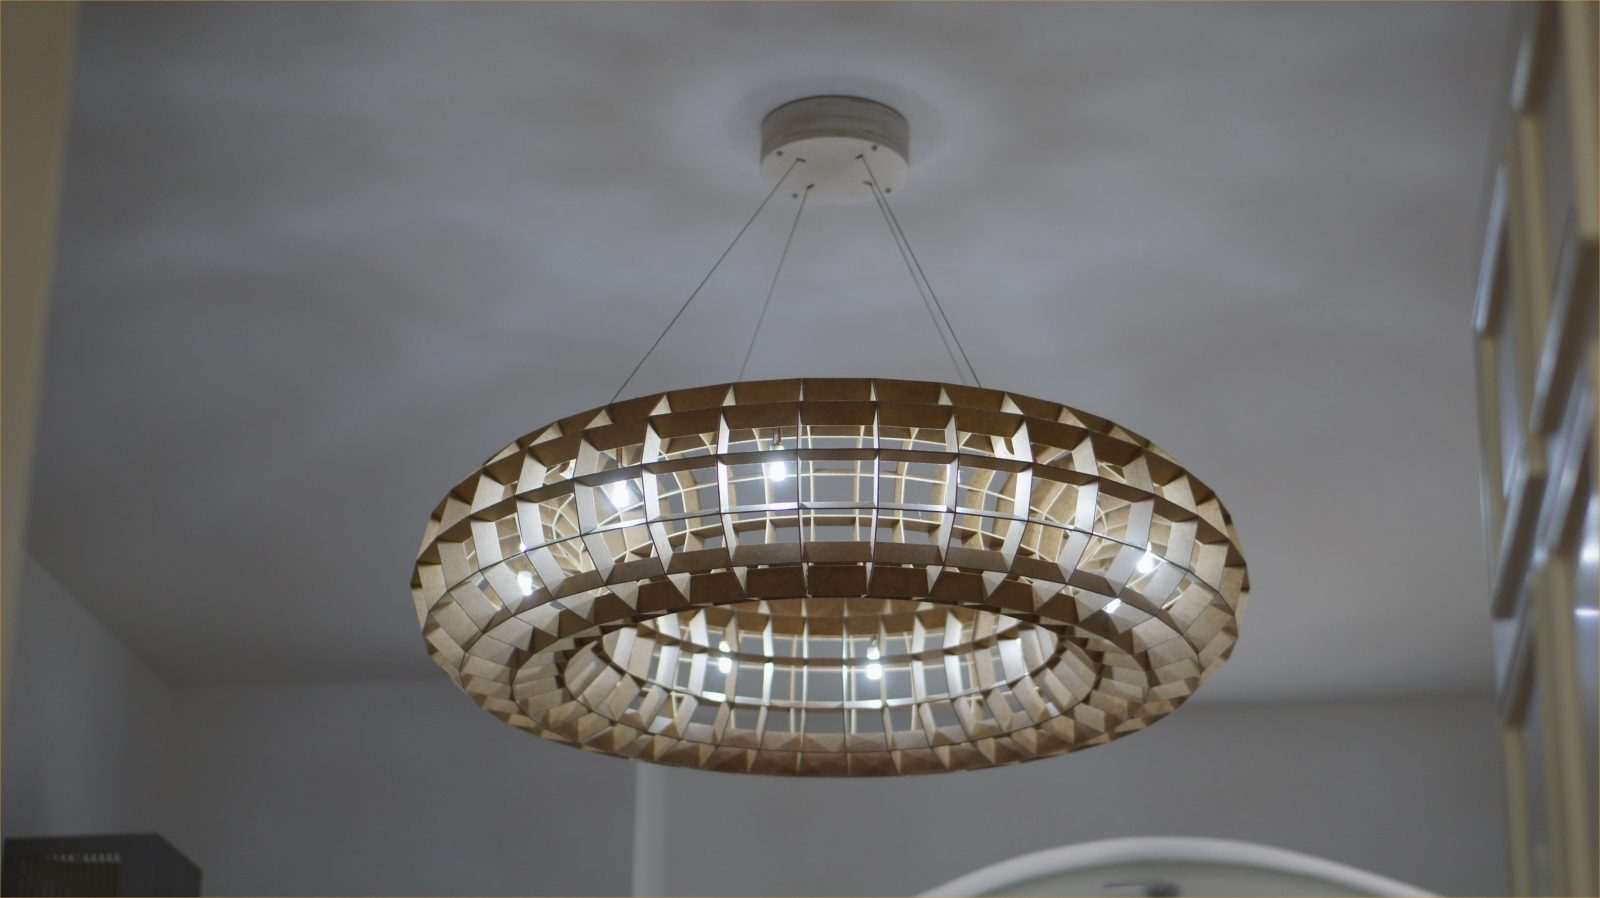 Lampenschirm Kupfer Selber Machen von Lampenschirm Drahtgestell Selber Machen Photo